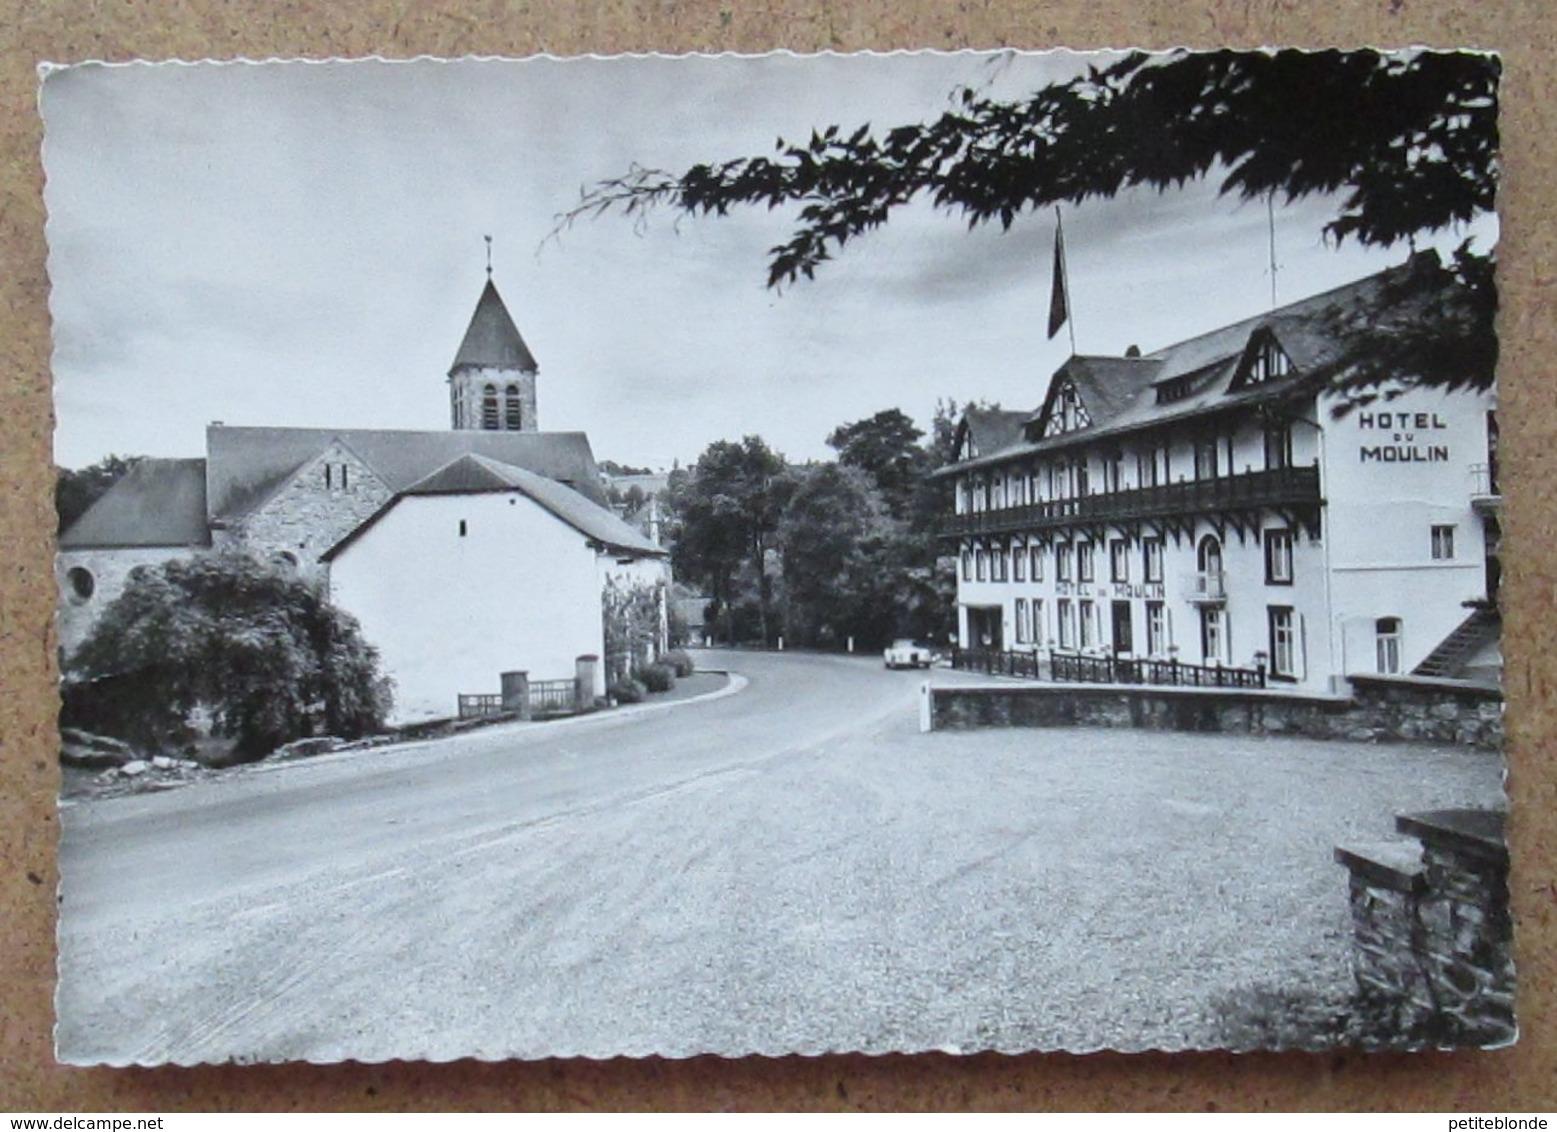 (K49) - Hotel Du Moulin - Ligneuville / Dir. Mme J. Goire-Binet - Malmedy